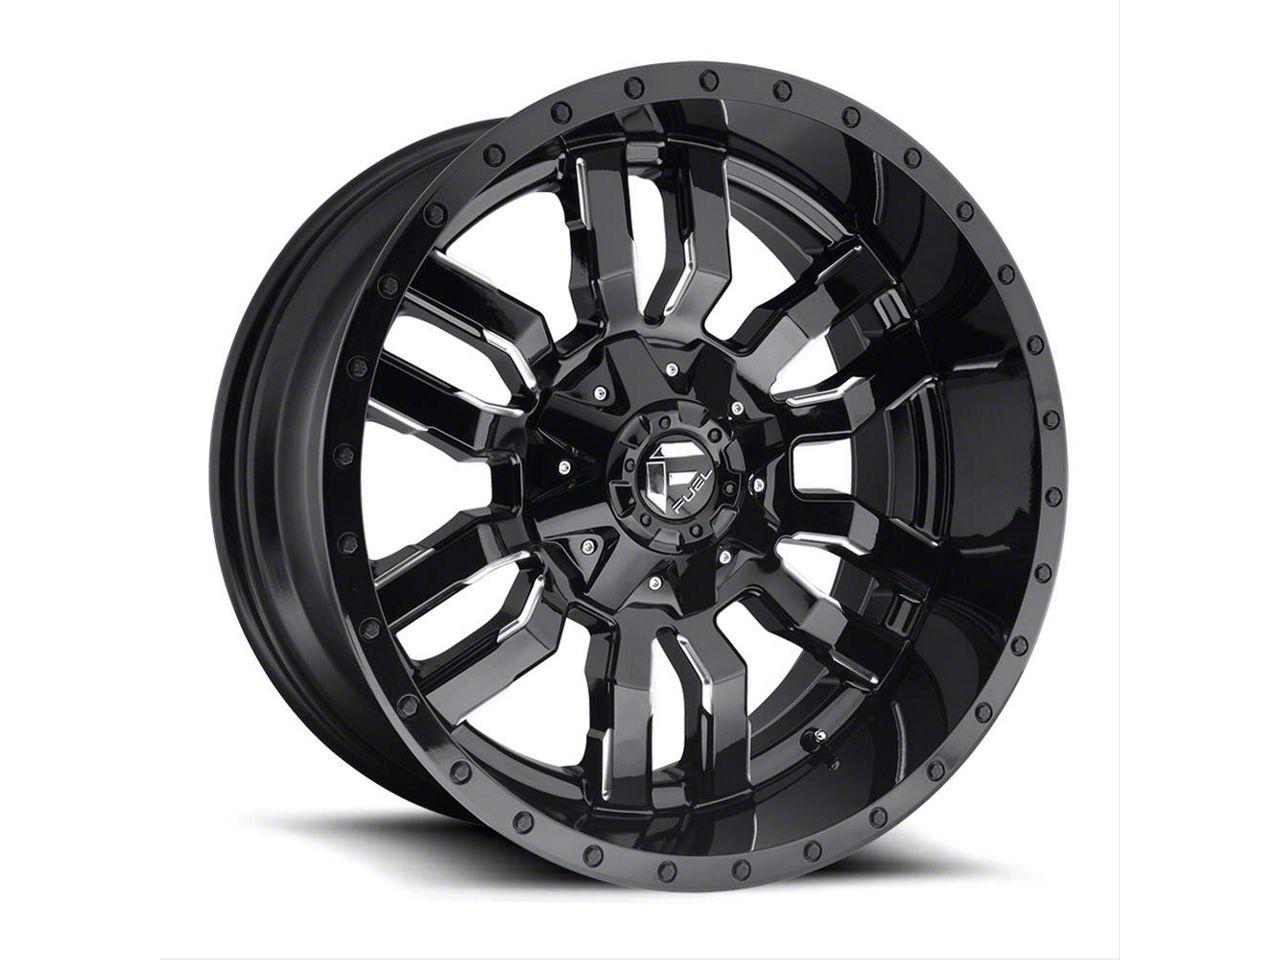 Fuel Wheels Sledge Gloss Black Milled 6-Lug Wheel - 24x14 (99-18 Silverado 1500)